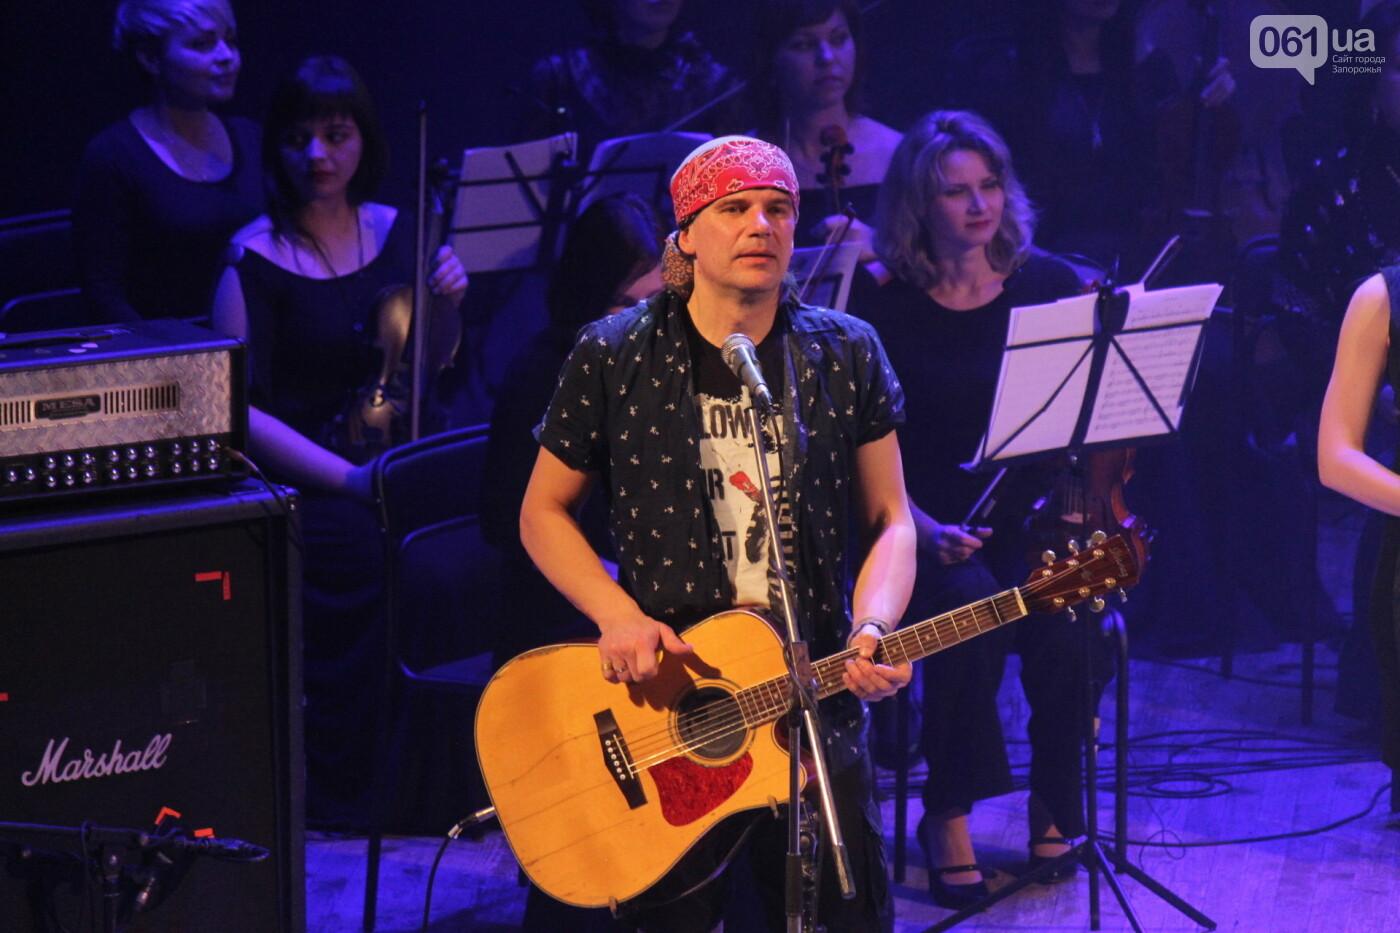 В Запорожье группа «Скрябин» сыграла лучшие хиты с симфоническим оркестром, – ФОТОРЕПОРТАЖ, фото-14